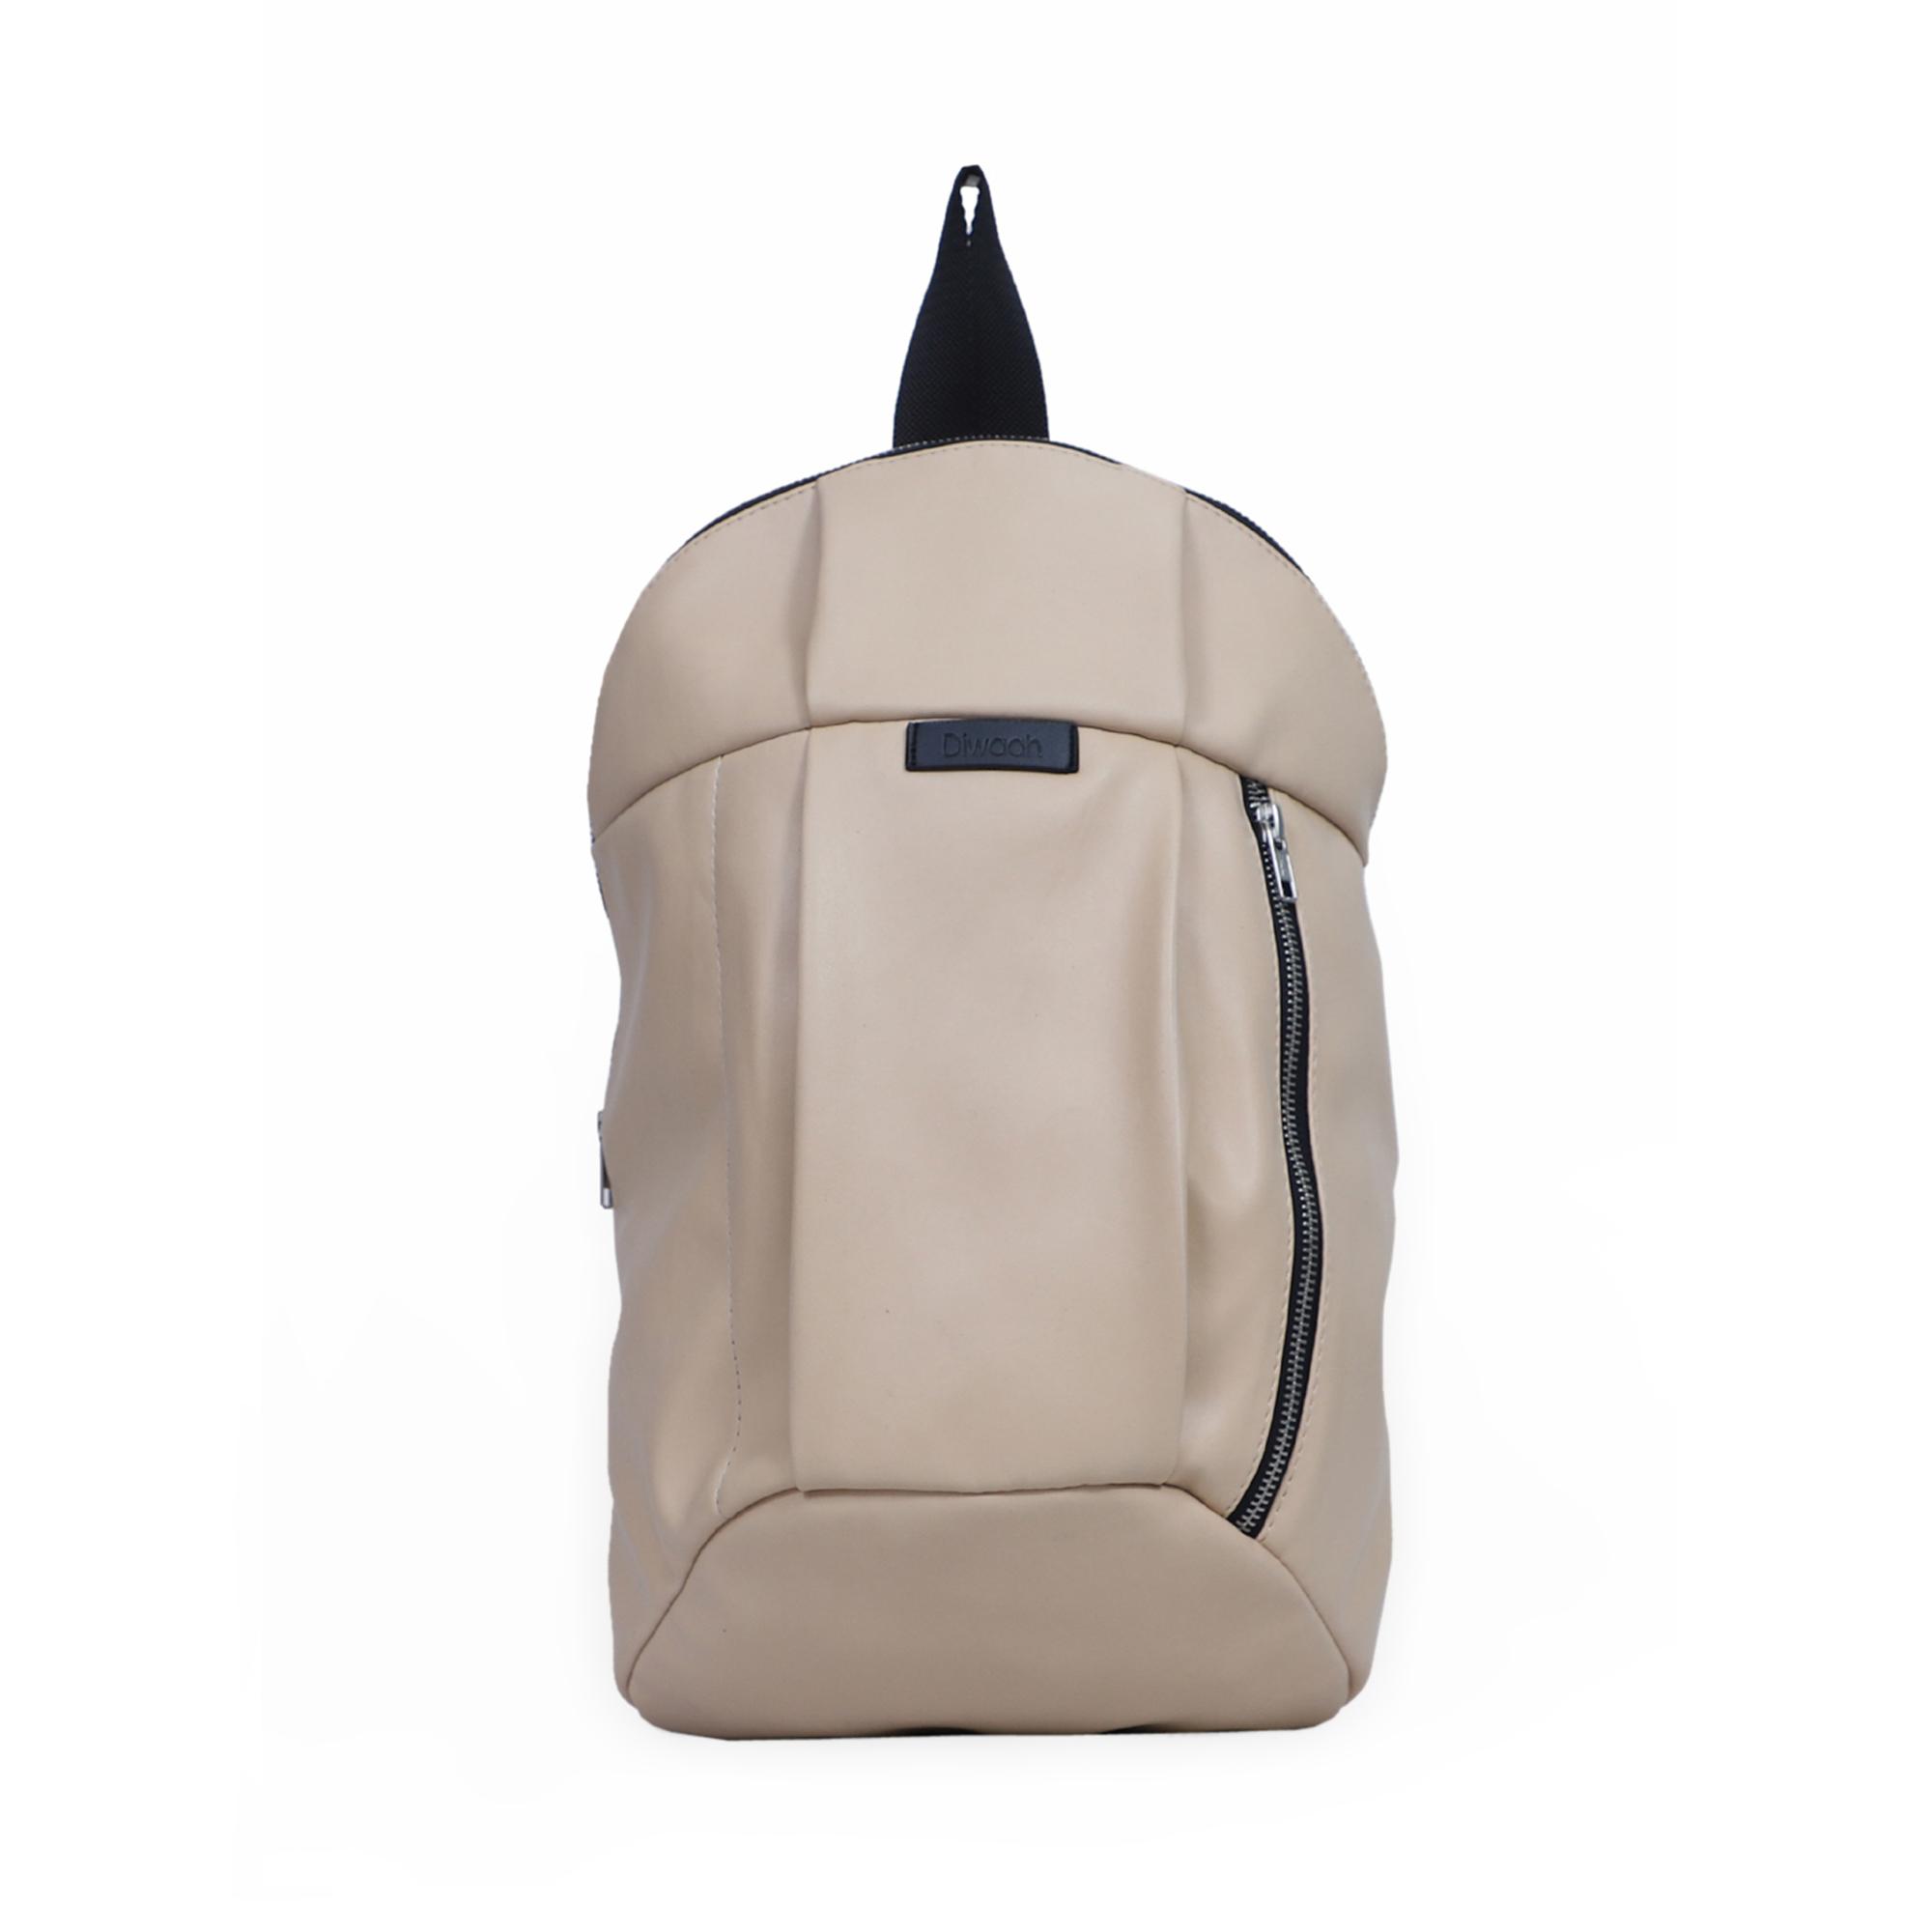 DIWAAH | Diwaah White Color Casual Backpack